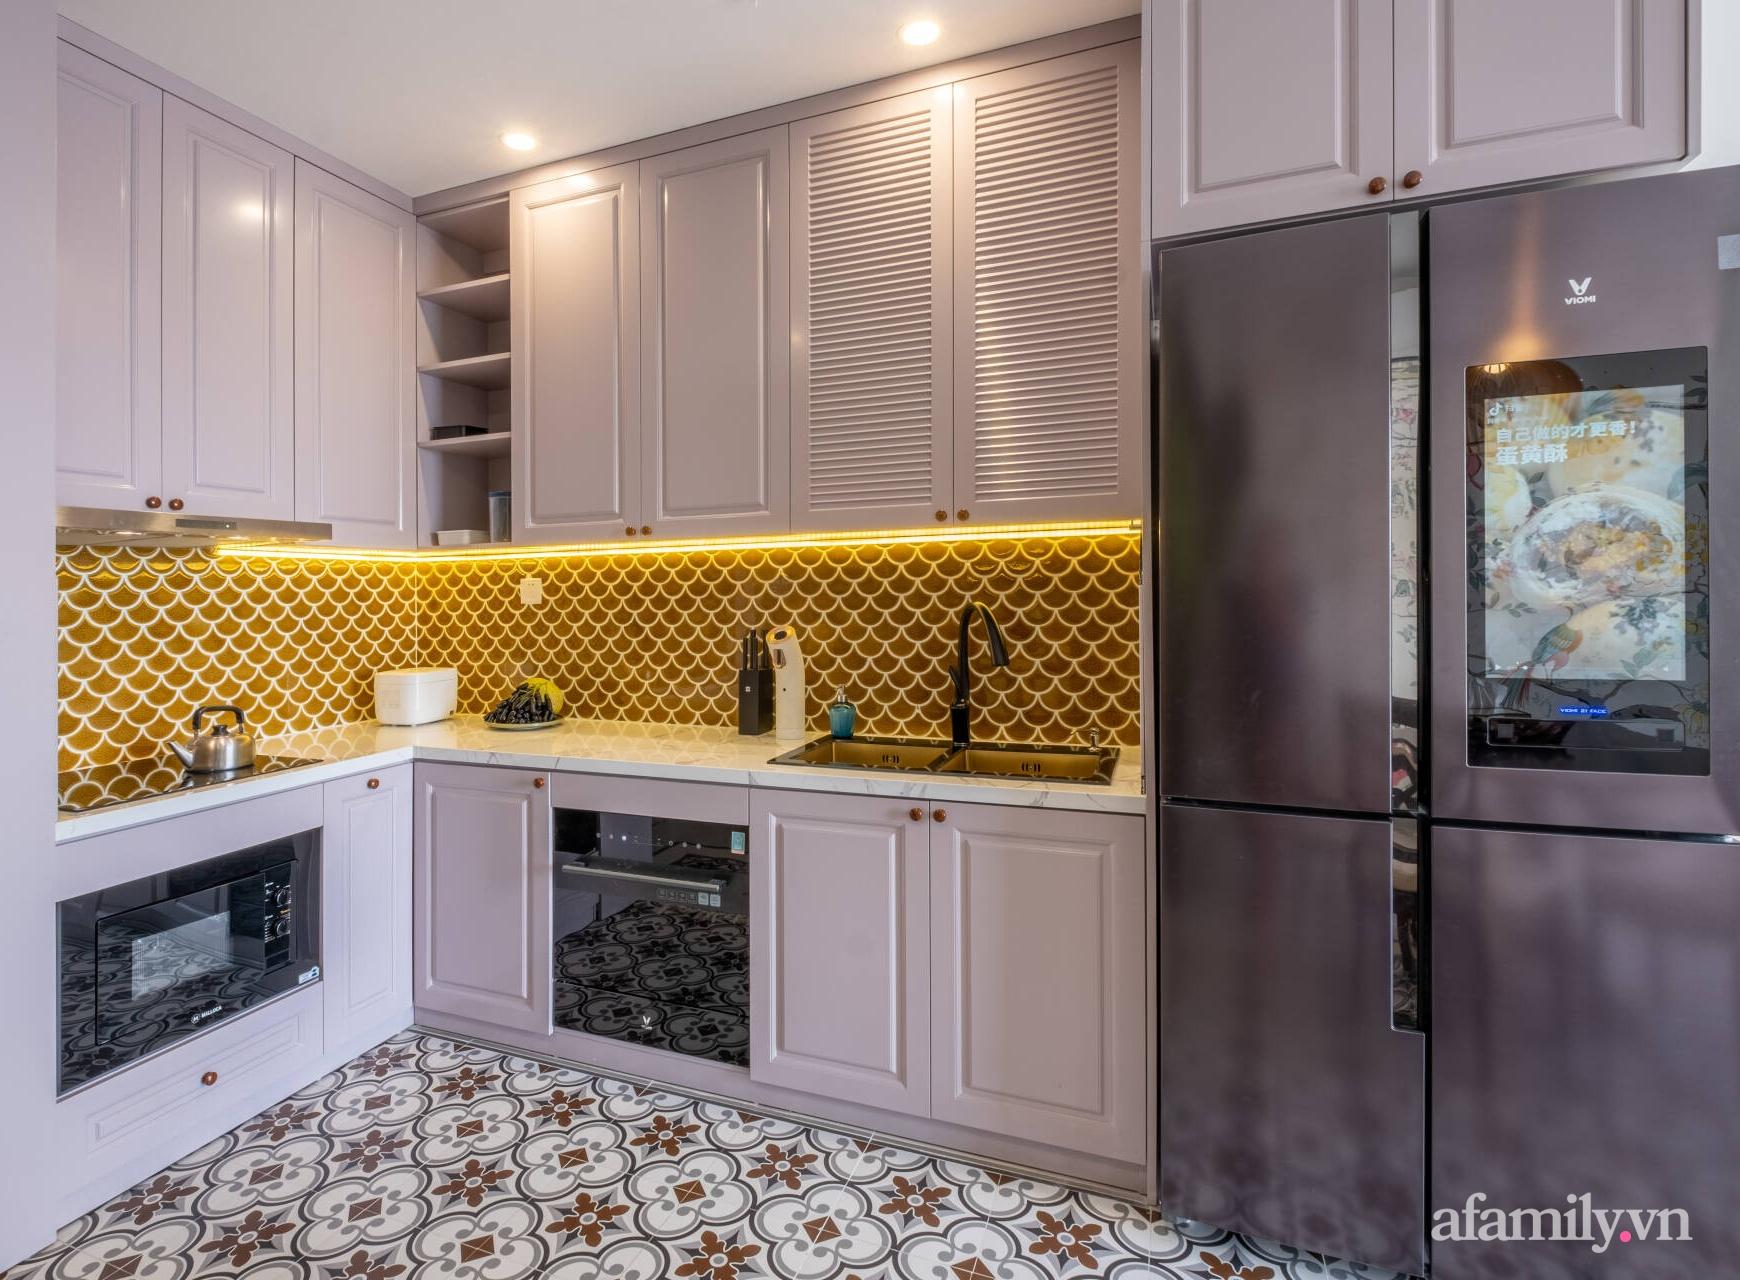 Căn hộ 3 phòng ngủ đẹp tinh tế với phong cách Indochine ở Vinhomes Ocean Park, Hà Nội - Ảnh 8.